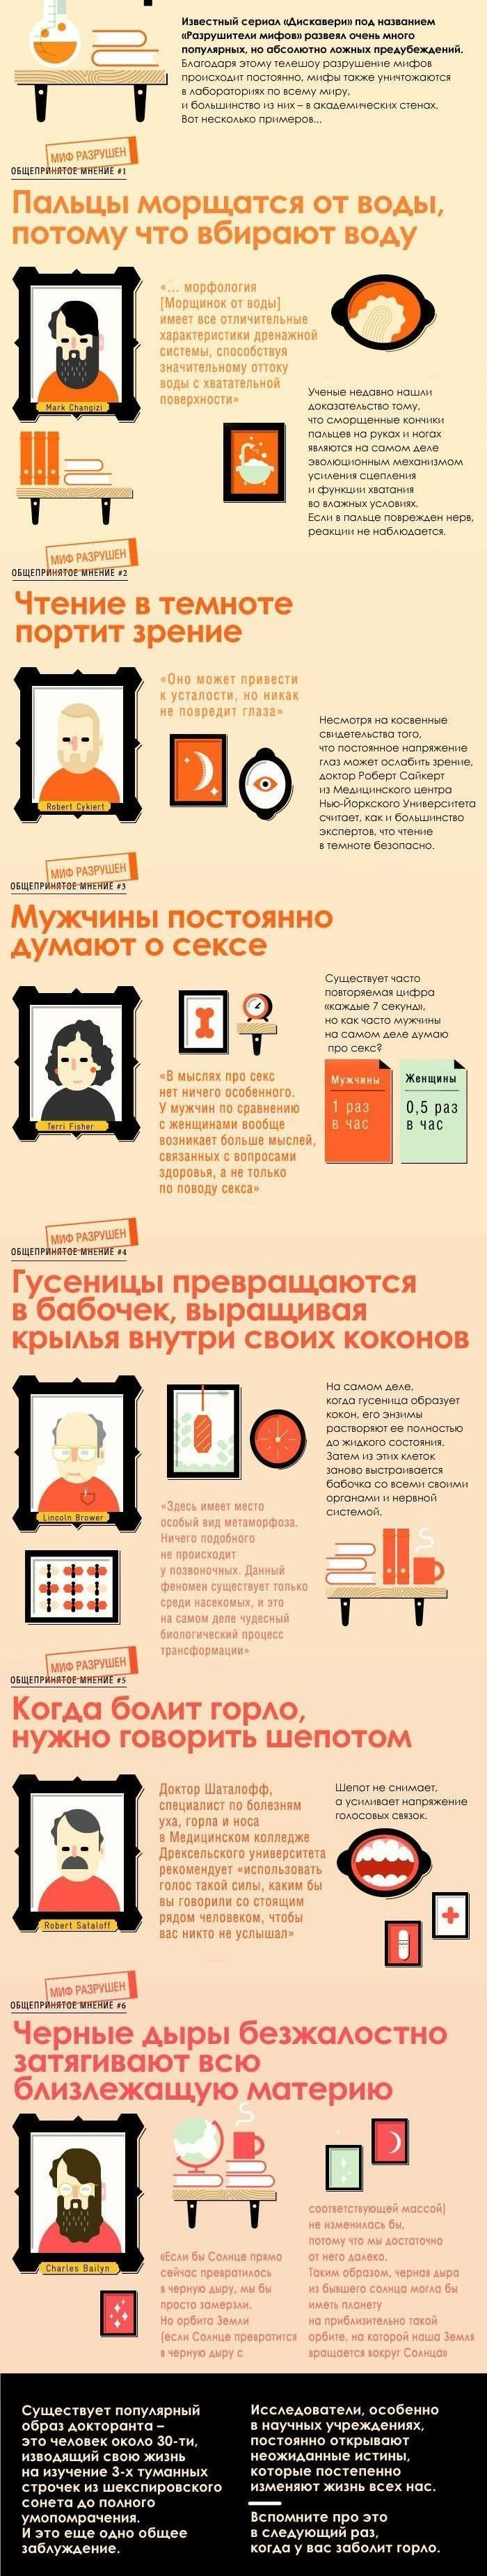 Разрушаем несколько интересных мифов (2 картинки)